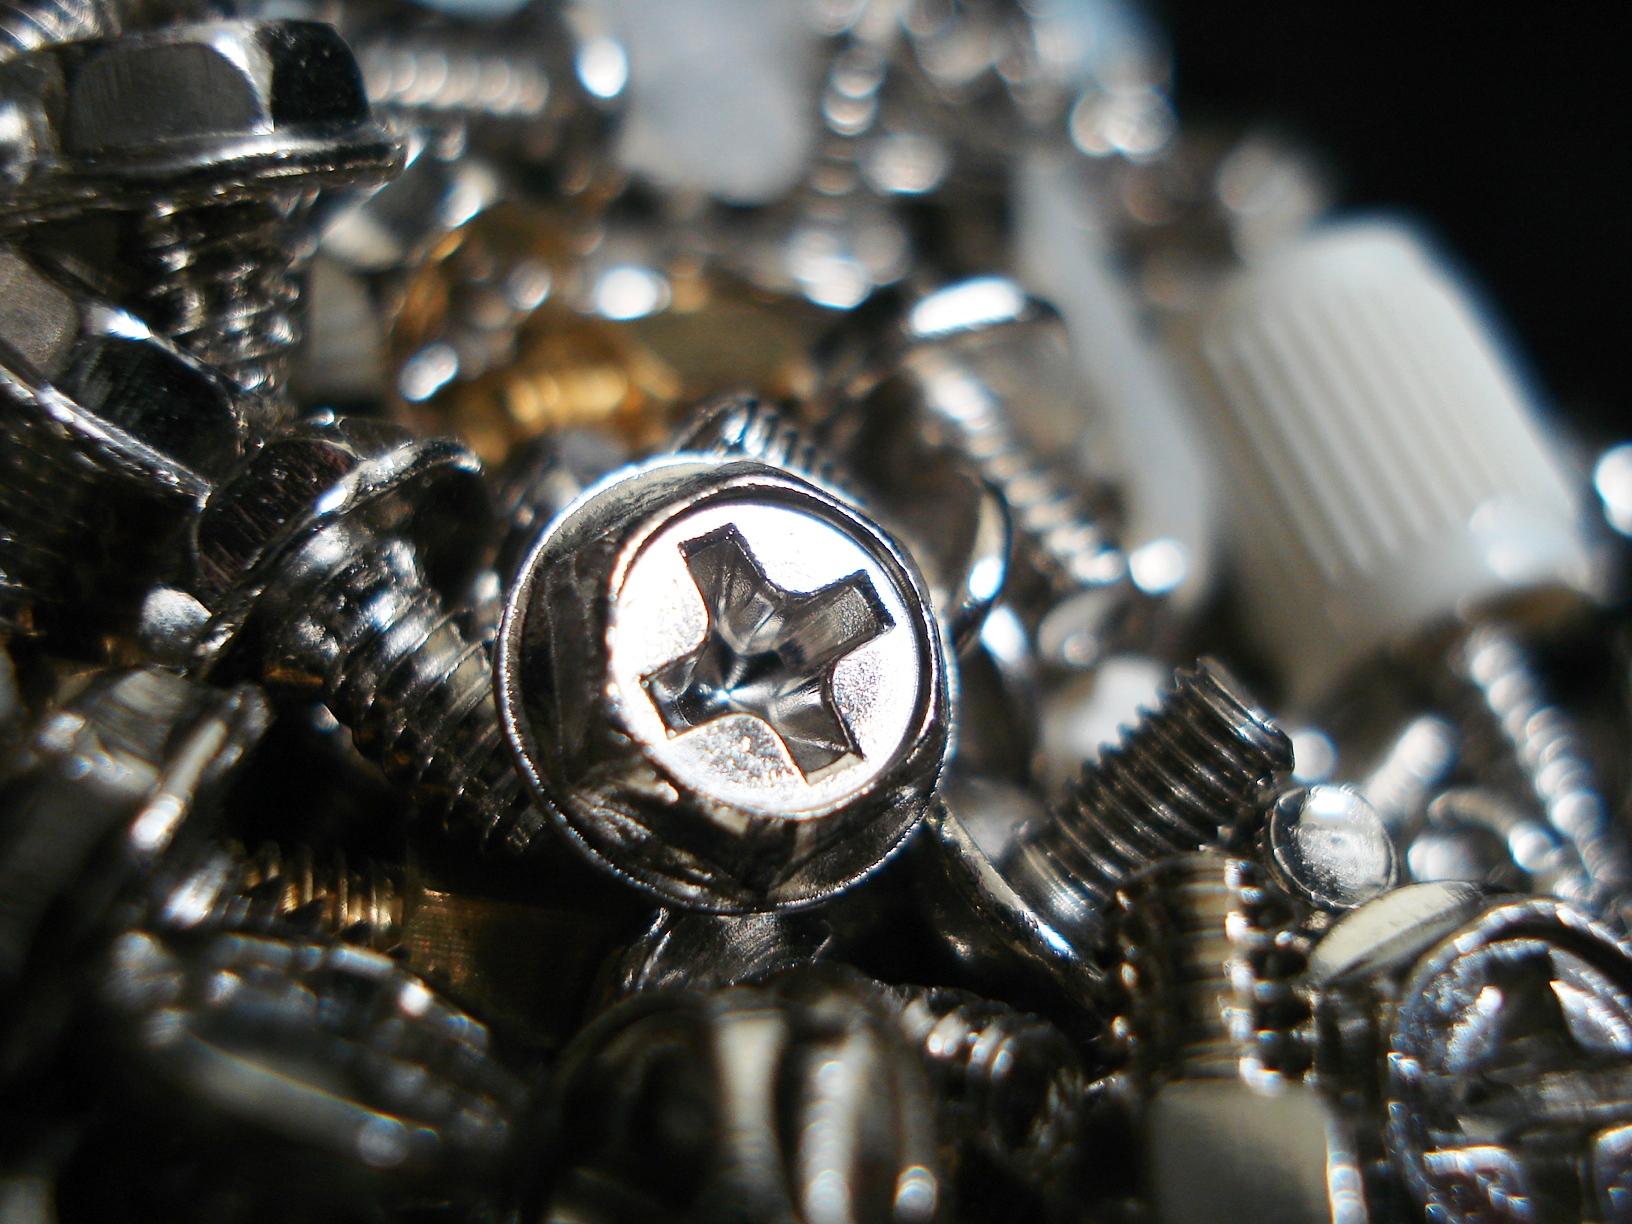 Stainless steel socket head cap screws